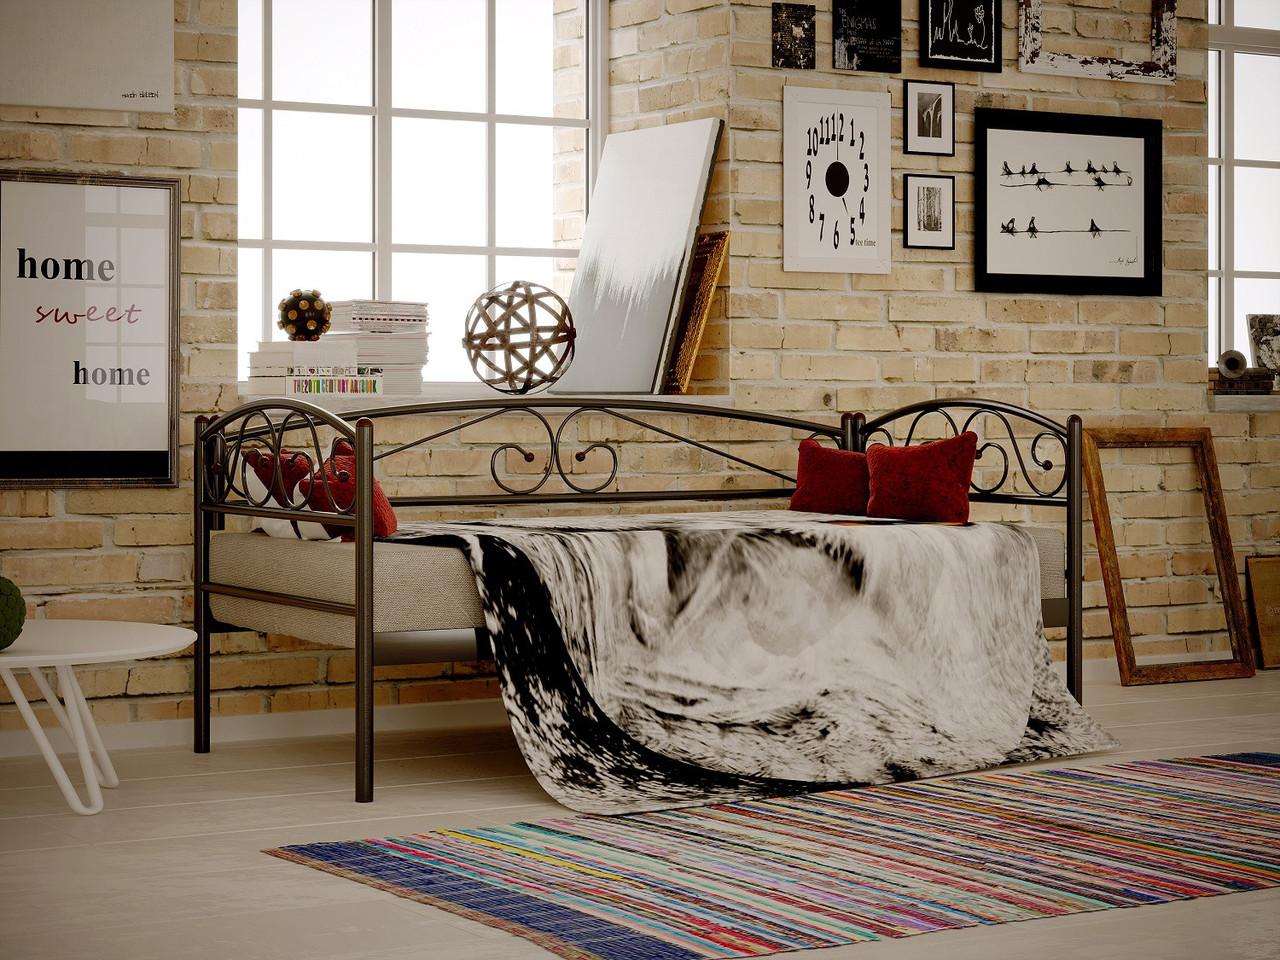 Кровать Метакам Verona Lux . Кровать   Верона Люкс. Металлическая кровать. Метакамм